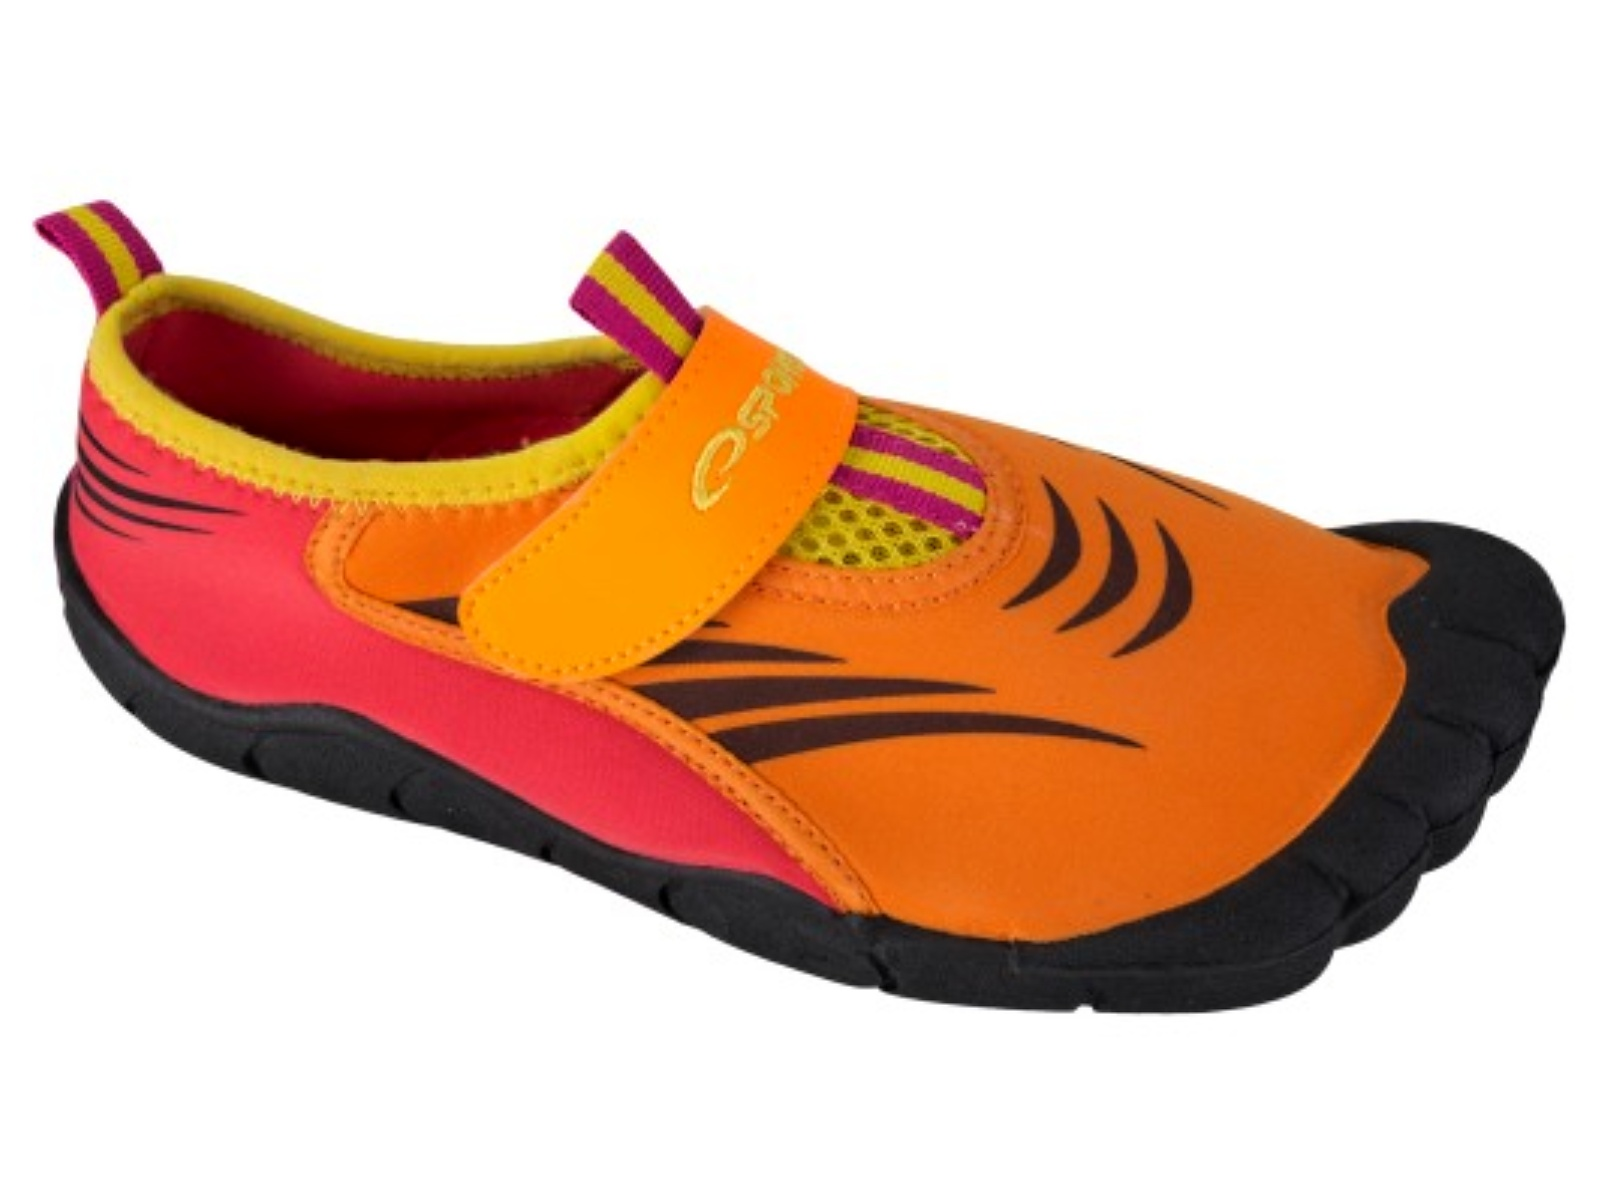 Boty do vody SPOKEY Seafoot dámské - vel. 38